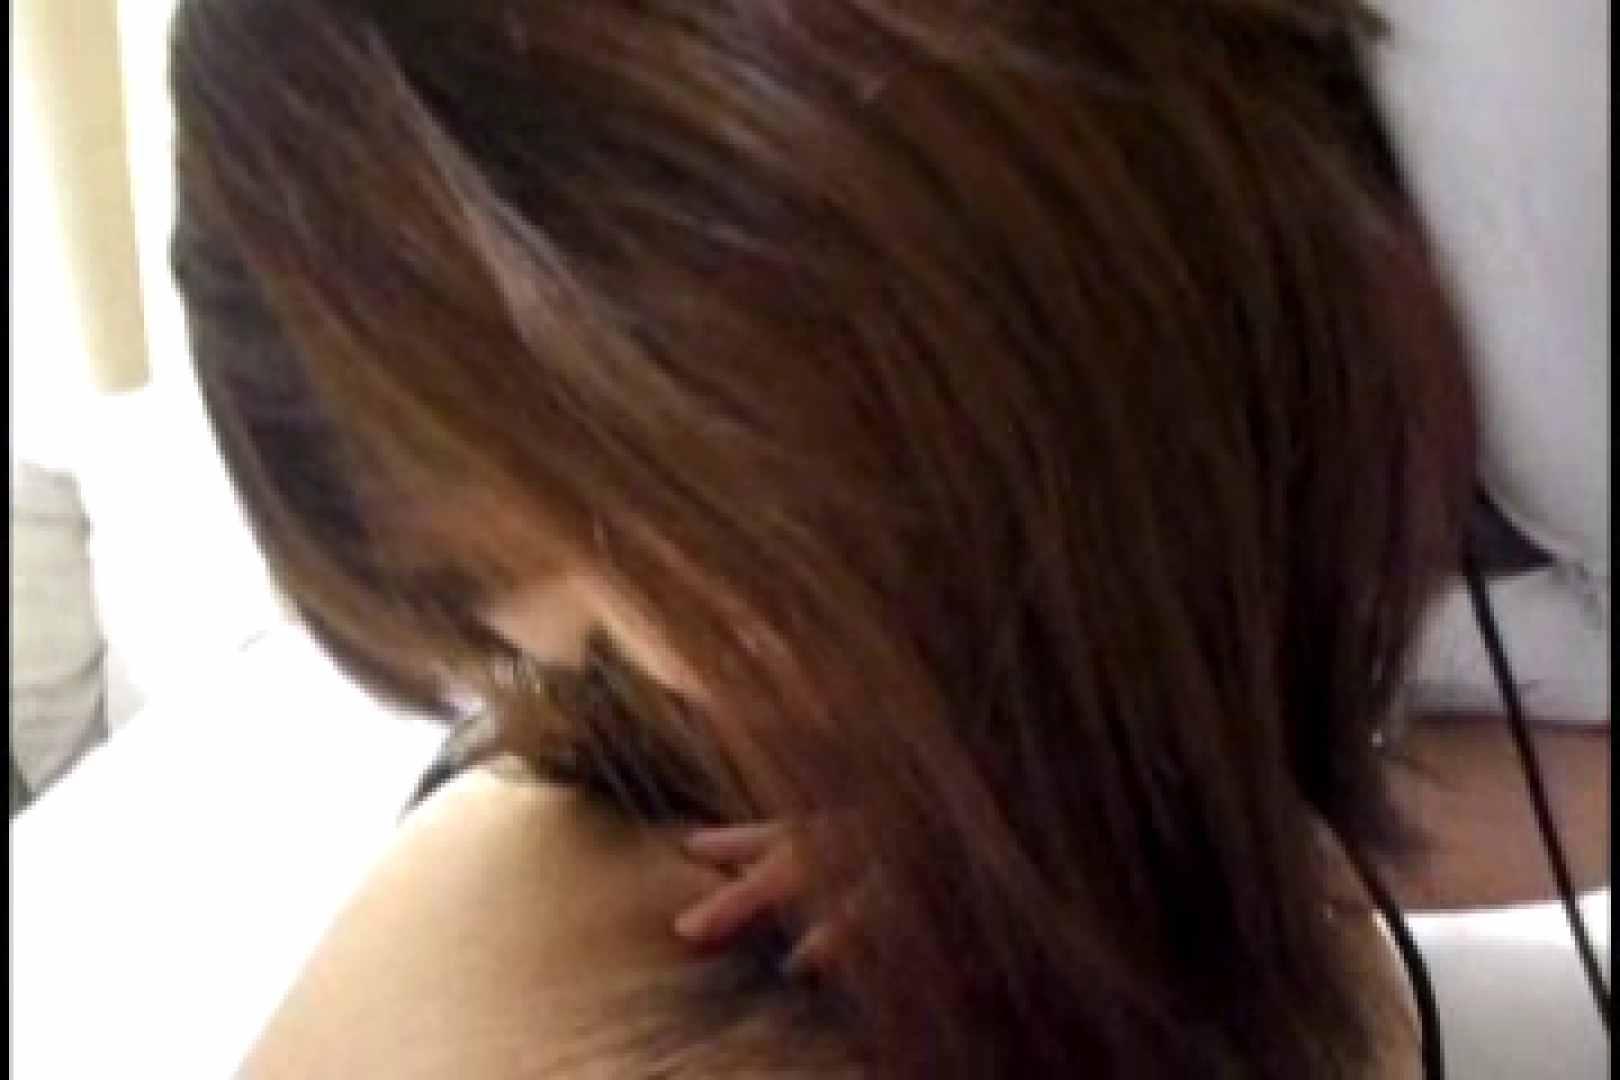 ヤリマンと呼ばれた看護士さんvol1 シックスナイン 隠し撮りオマンコ動画紹介 71枚 69